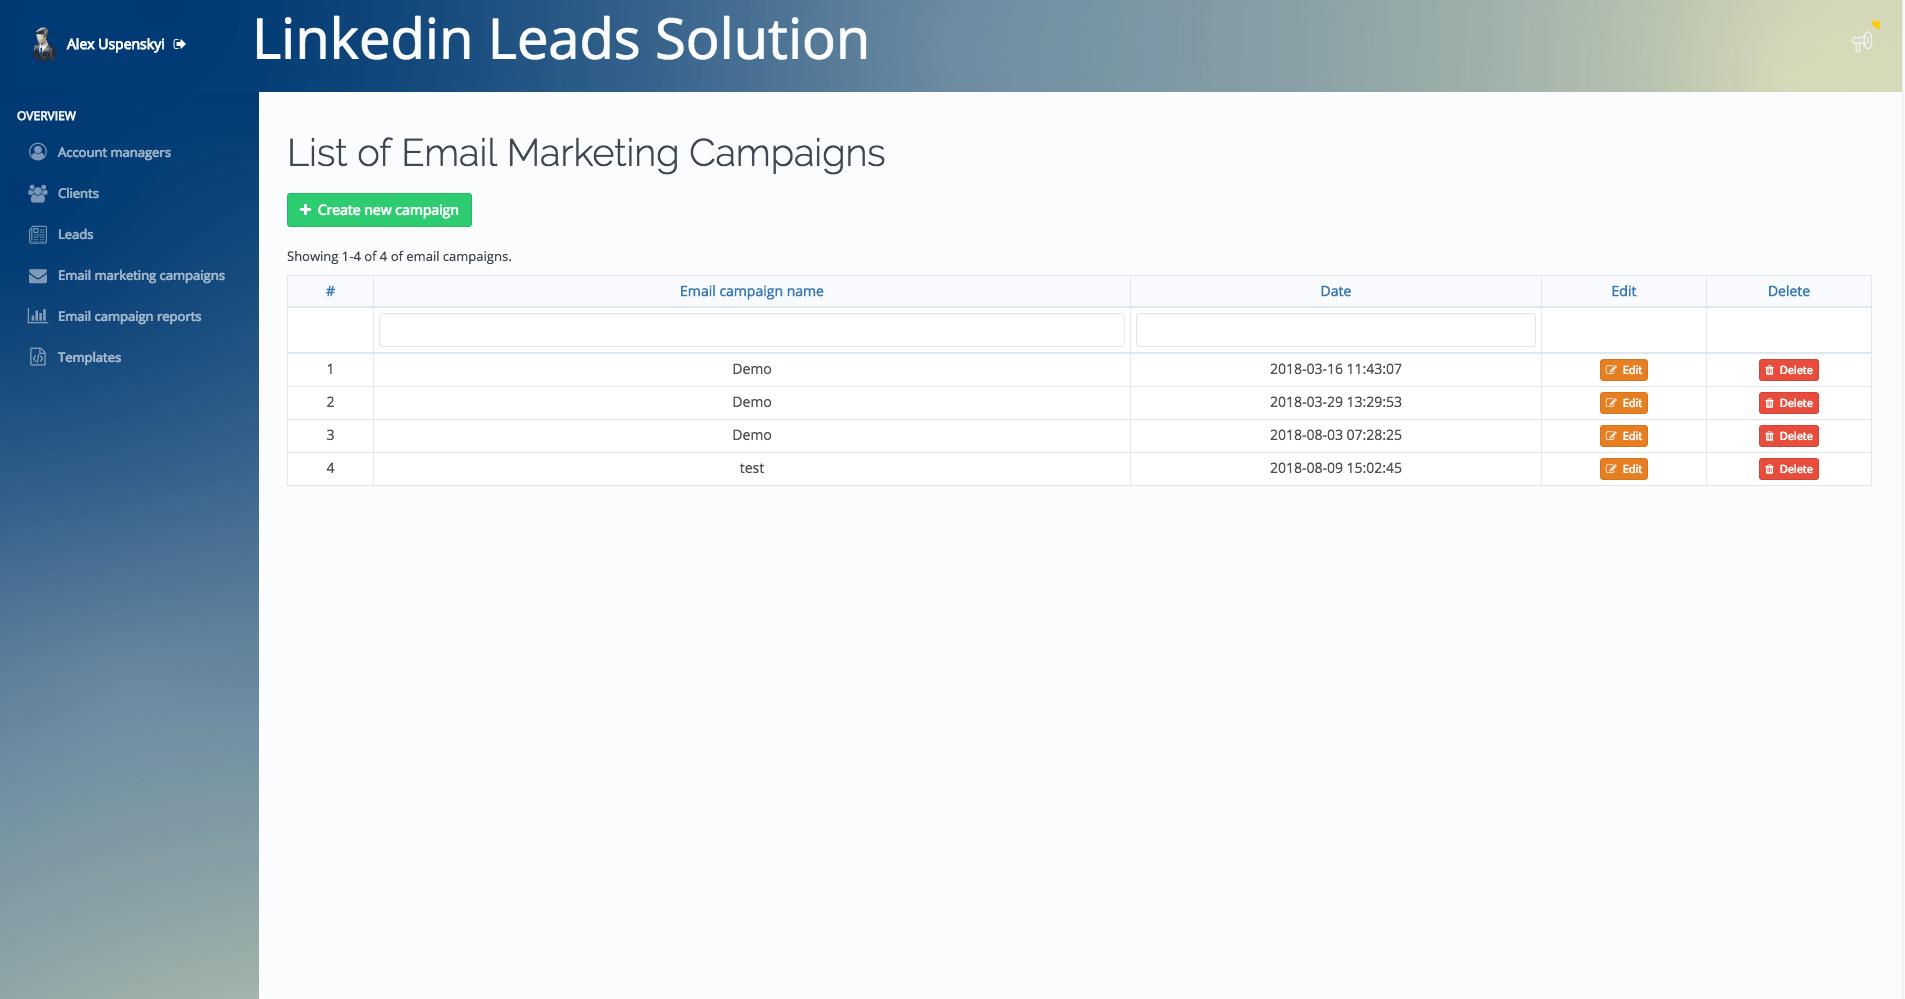 linkedin-leads-solution5b6c585d652fec1ddac9711b